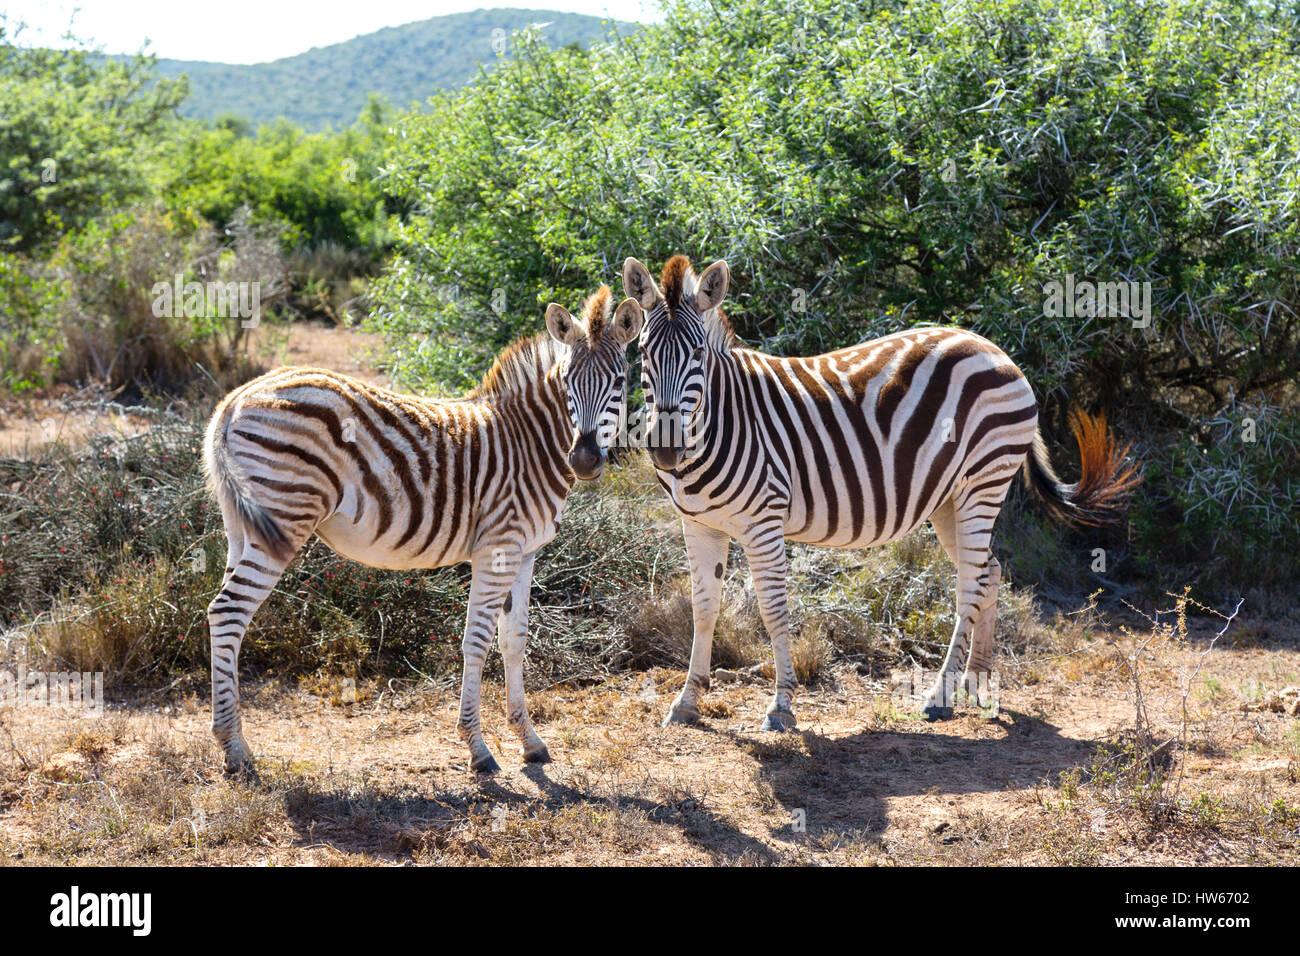 Cebras - Par de cebras, llanuras, zebra Equus quagga - concepto de amor animal, animales en el amor; Sudáfrica Imagen De Stock